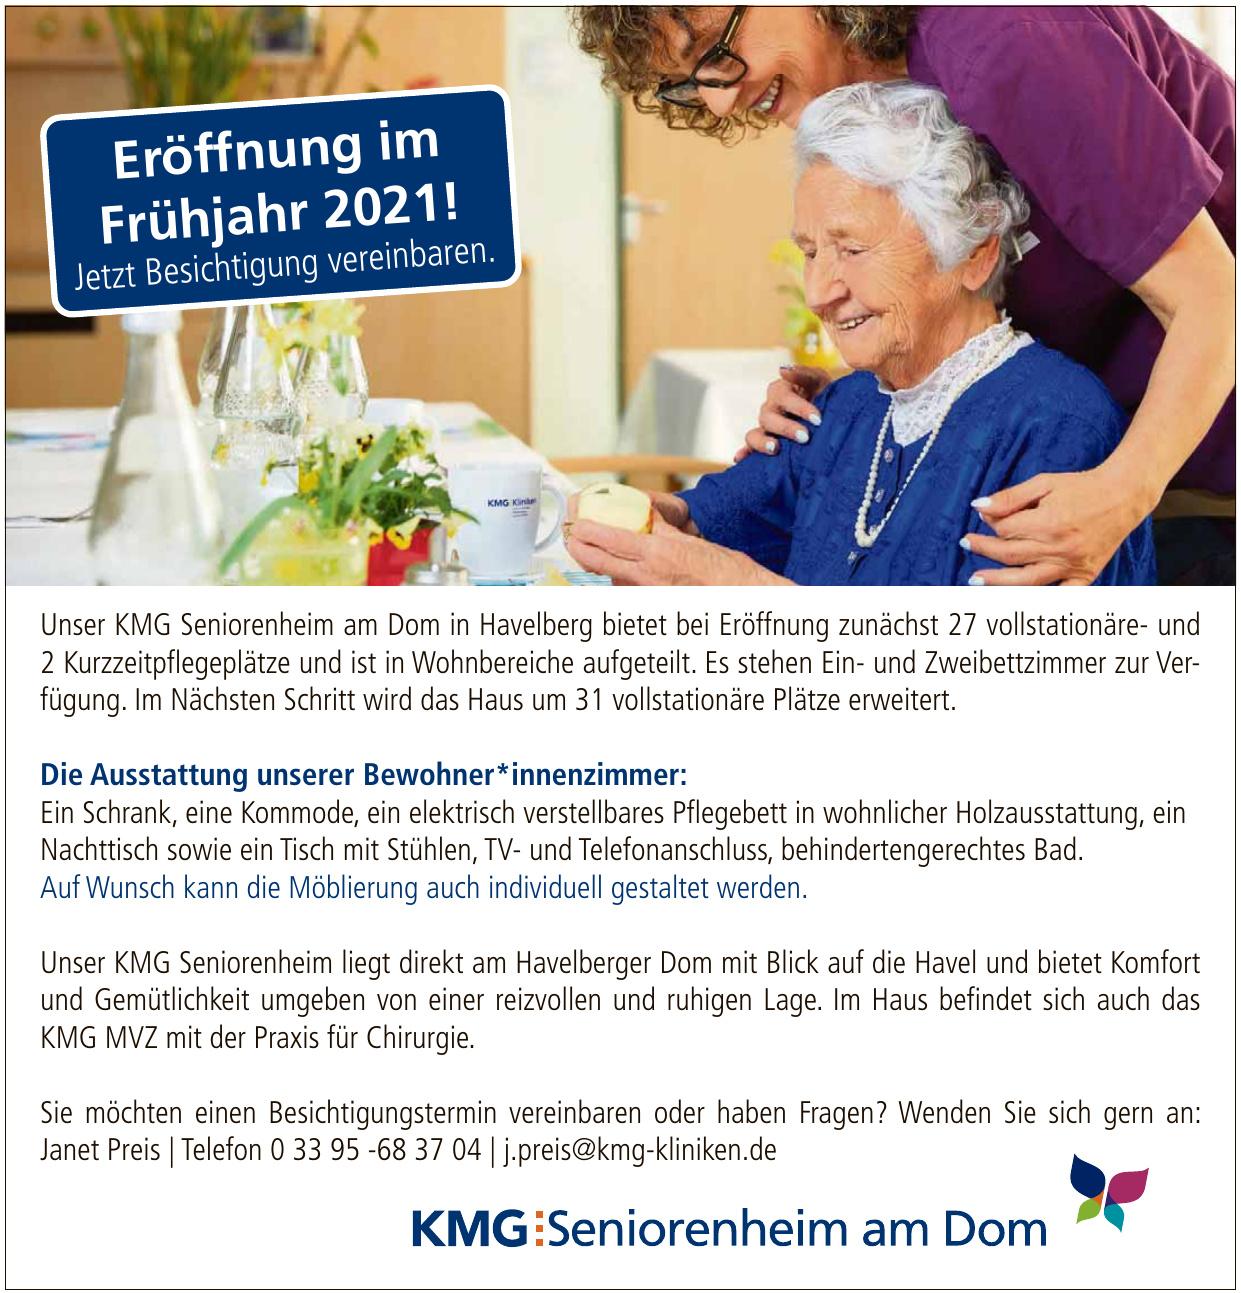 KMS Seniorenheim am Dom